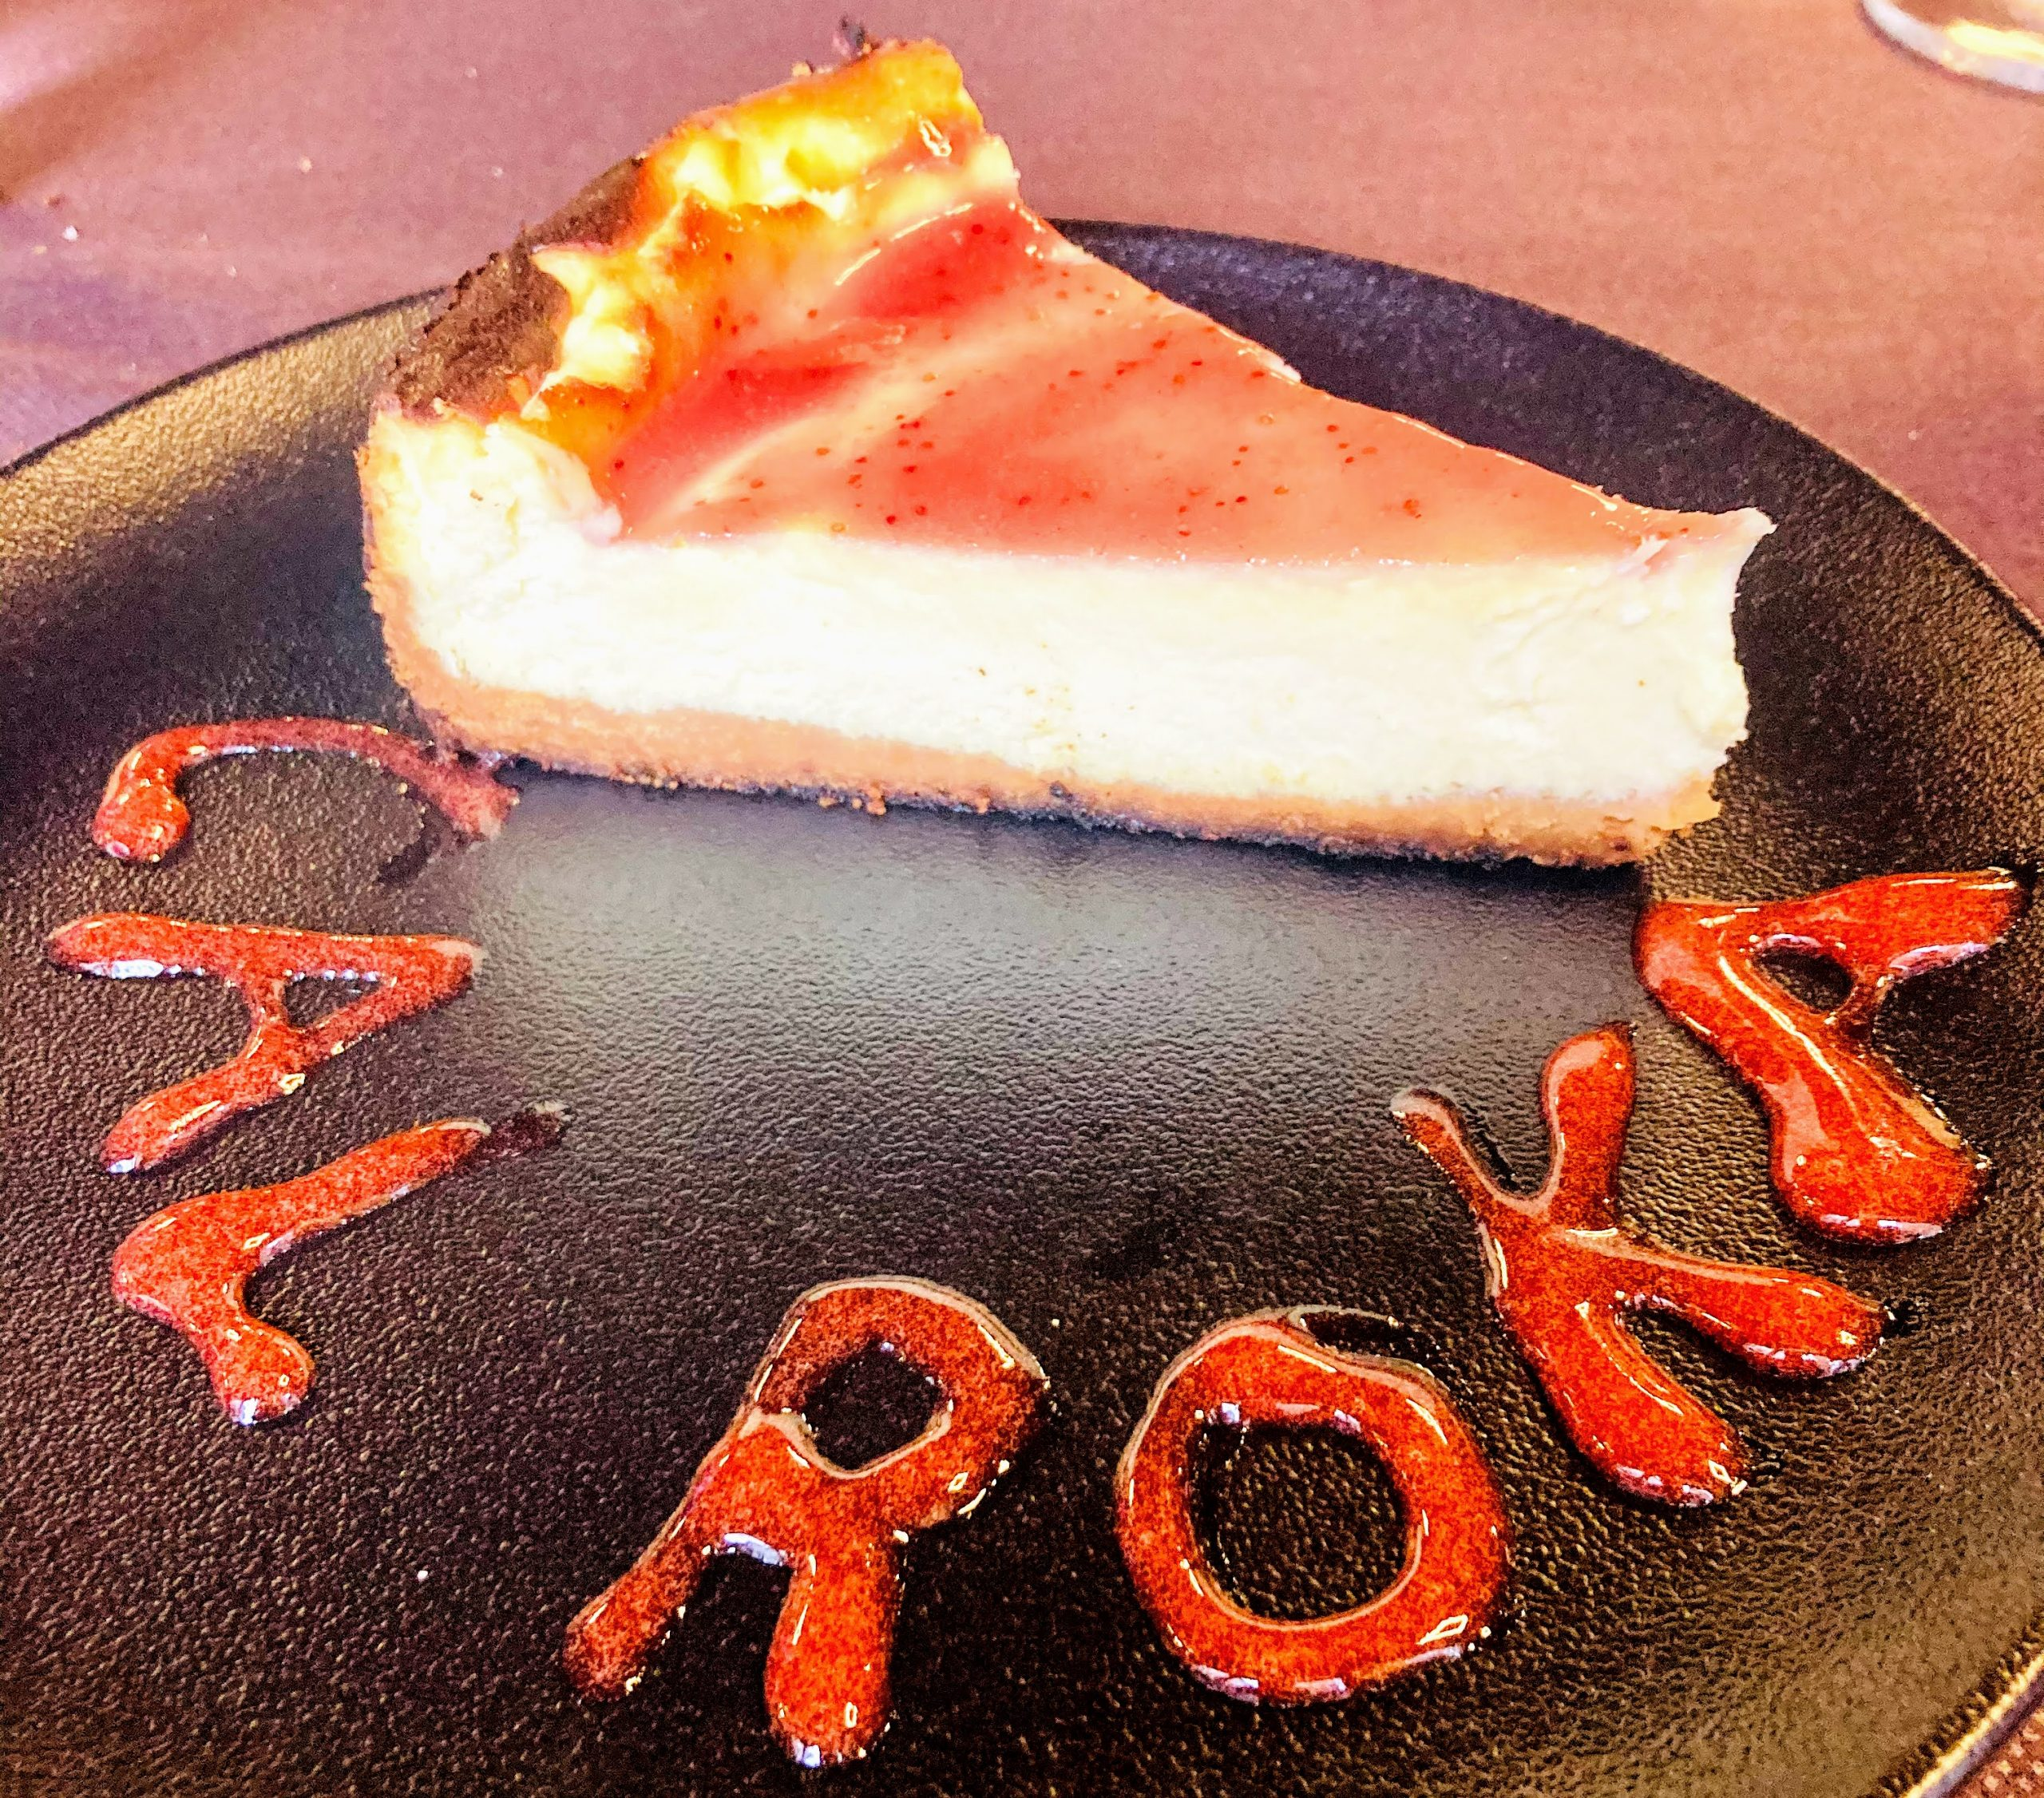 Avui hem fet un superpastís de formatge que hem cuinat al forn de carbó Josper. Sens dubte la millor opció dolça per als vostres àpats a Restaurant Japonès Taverna Cal Roka.